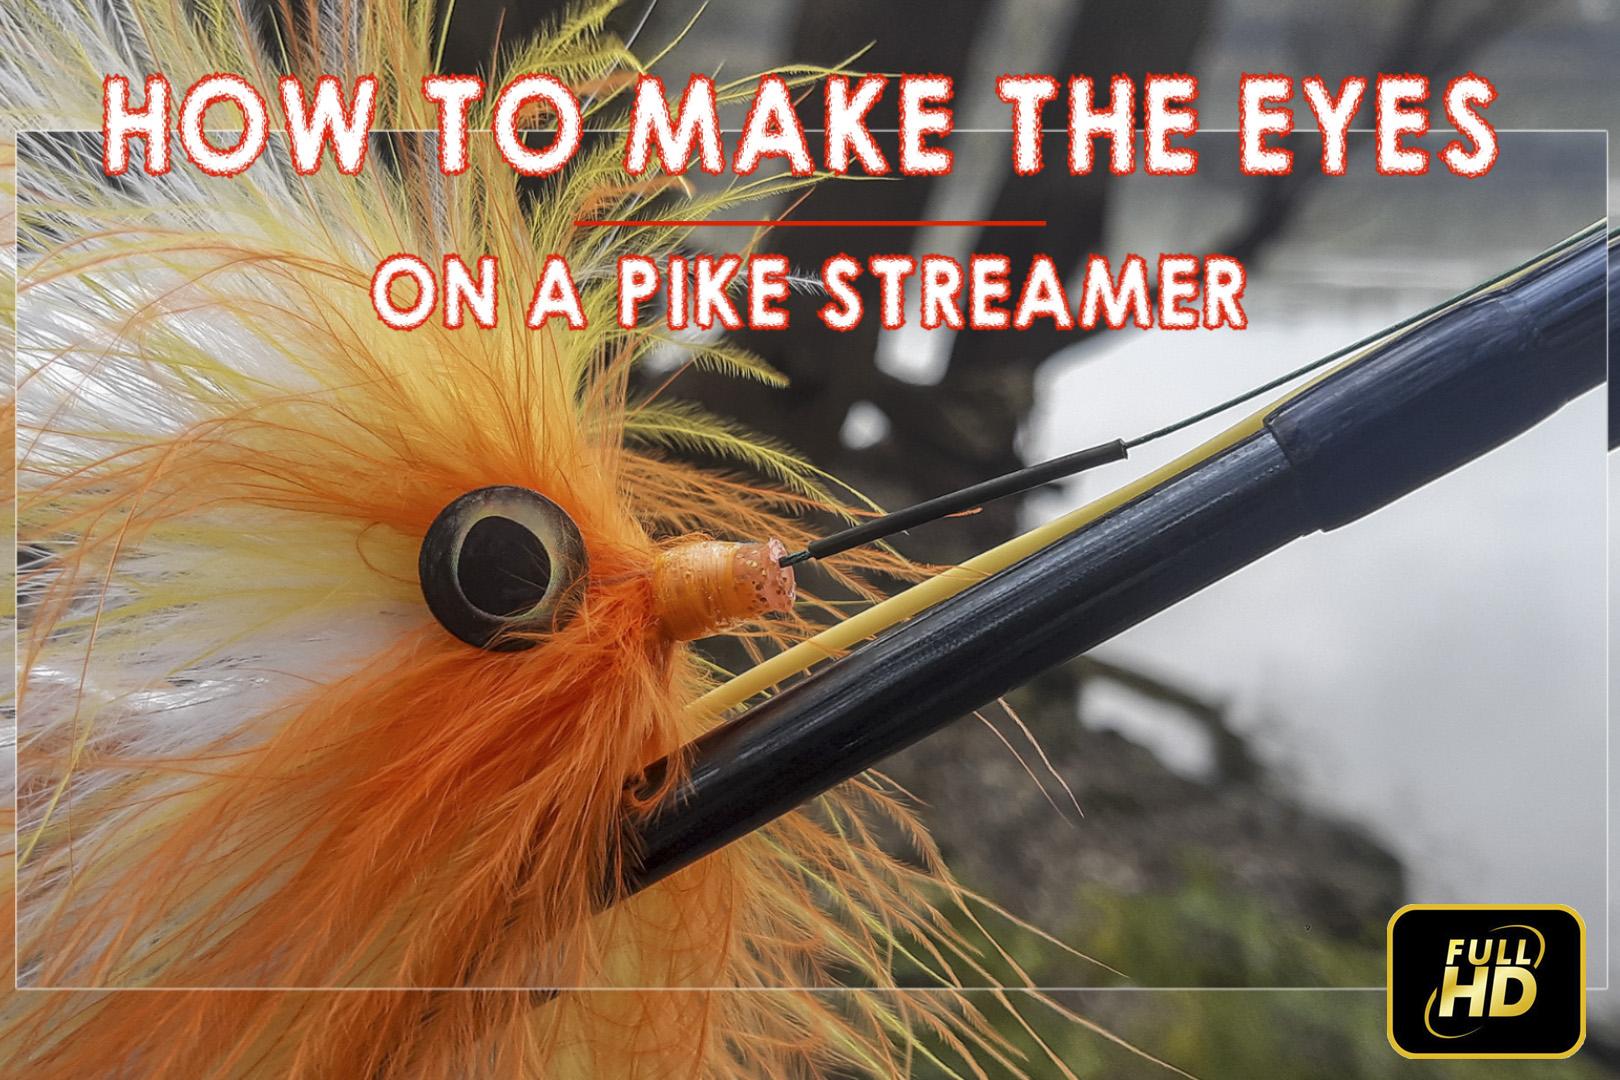 Как се поставят очите на щукарски стример